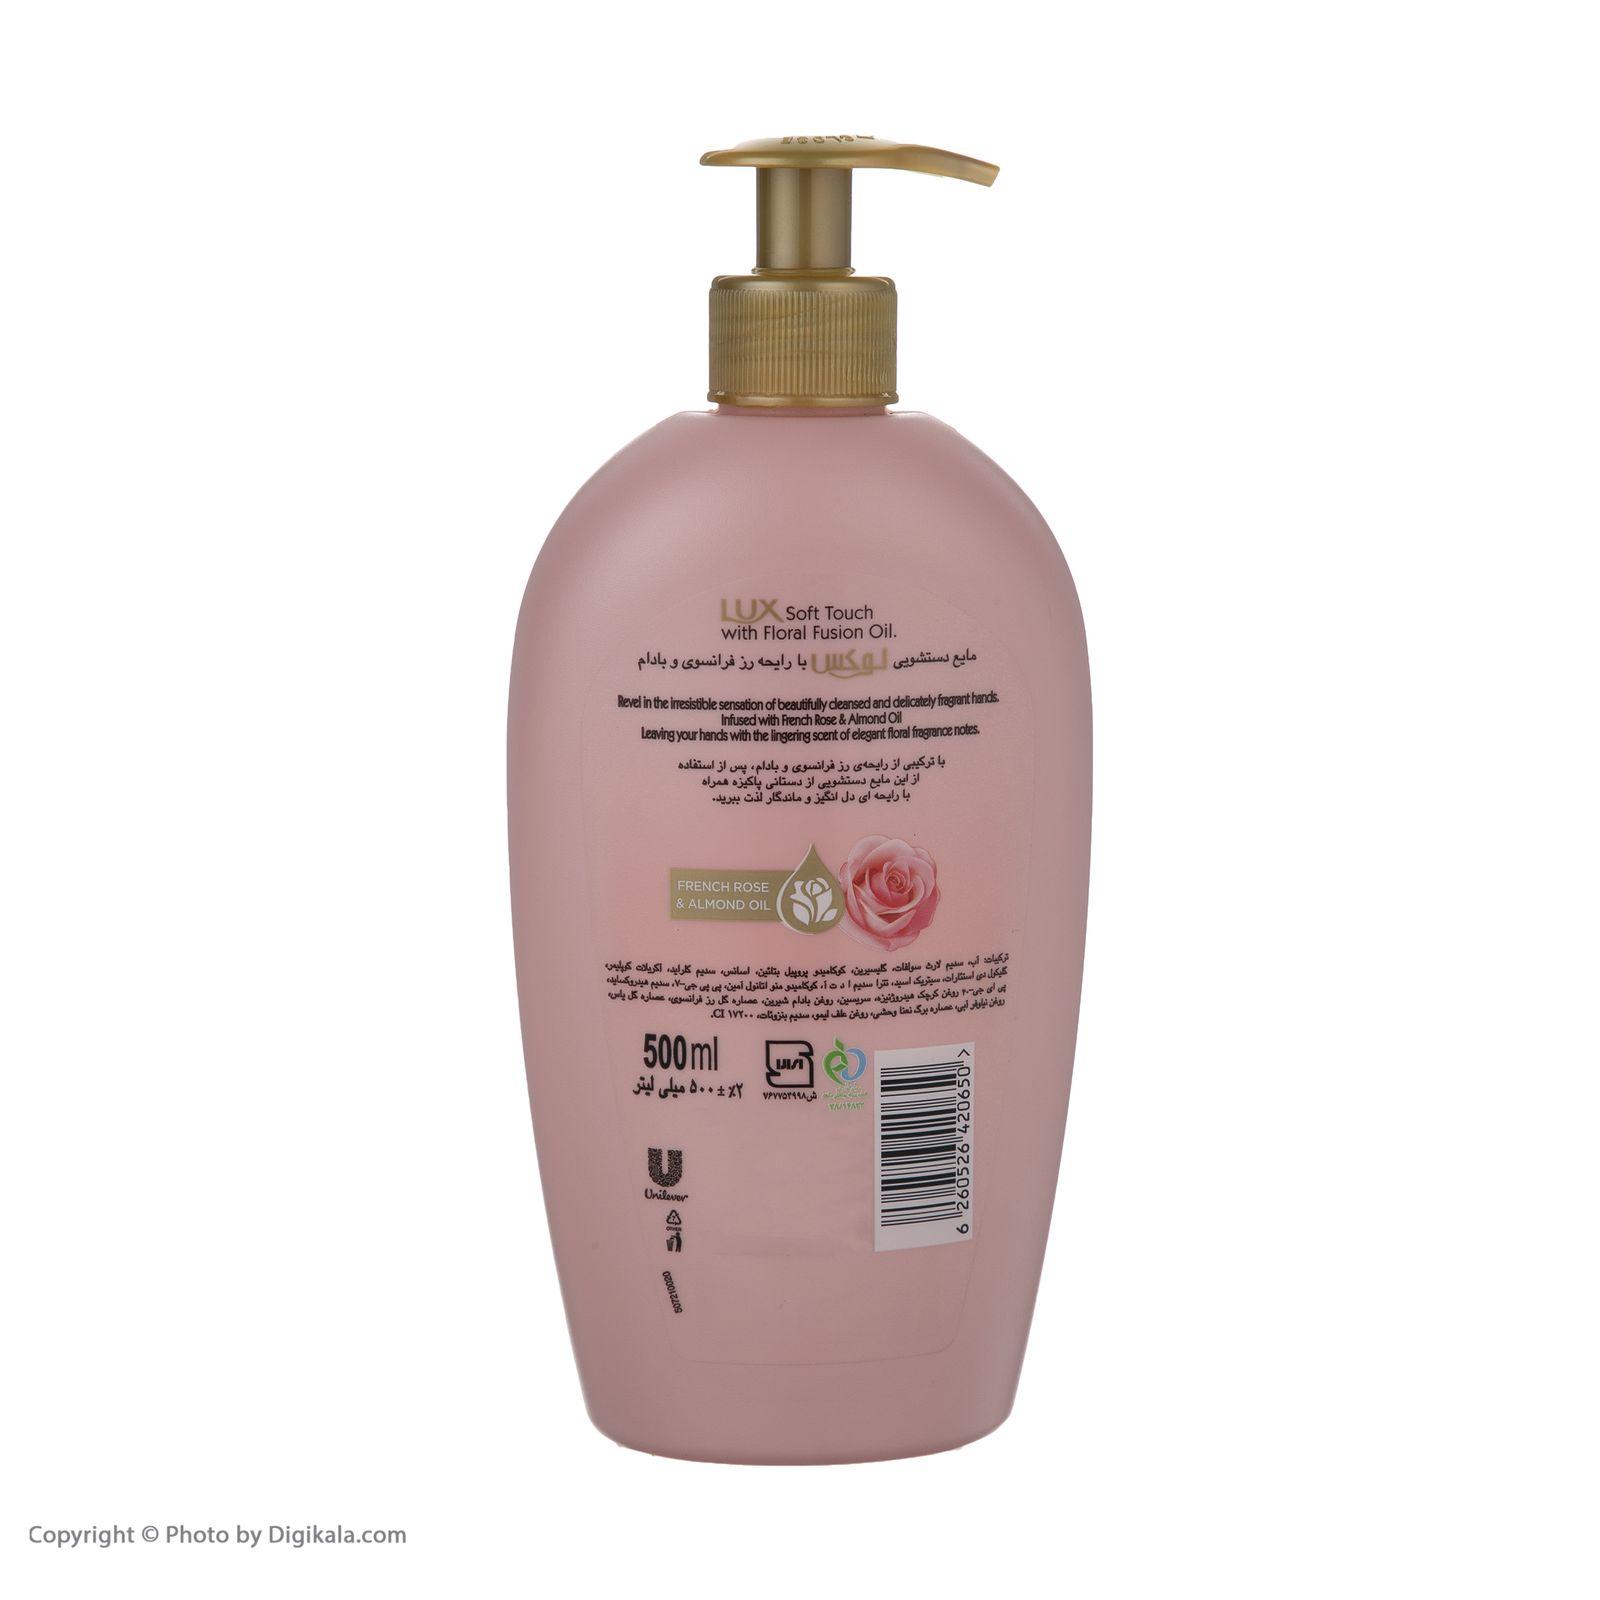 مایع دستشویی لوکس مدل رزفرانسوی و بادام مقدار 500 میلی لیتر main 1 2